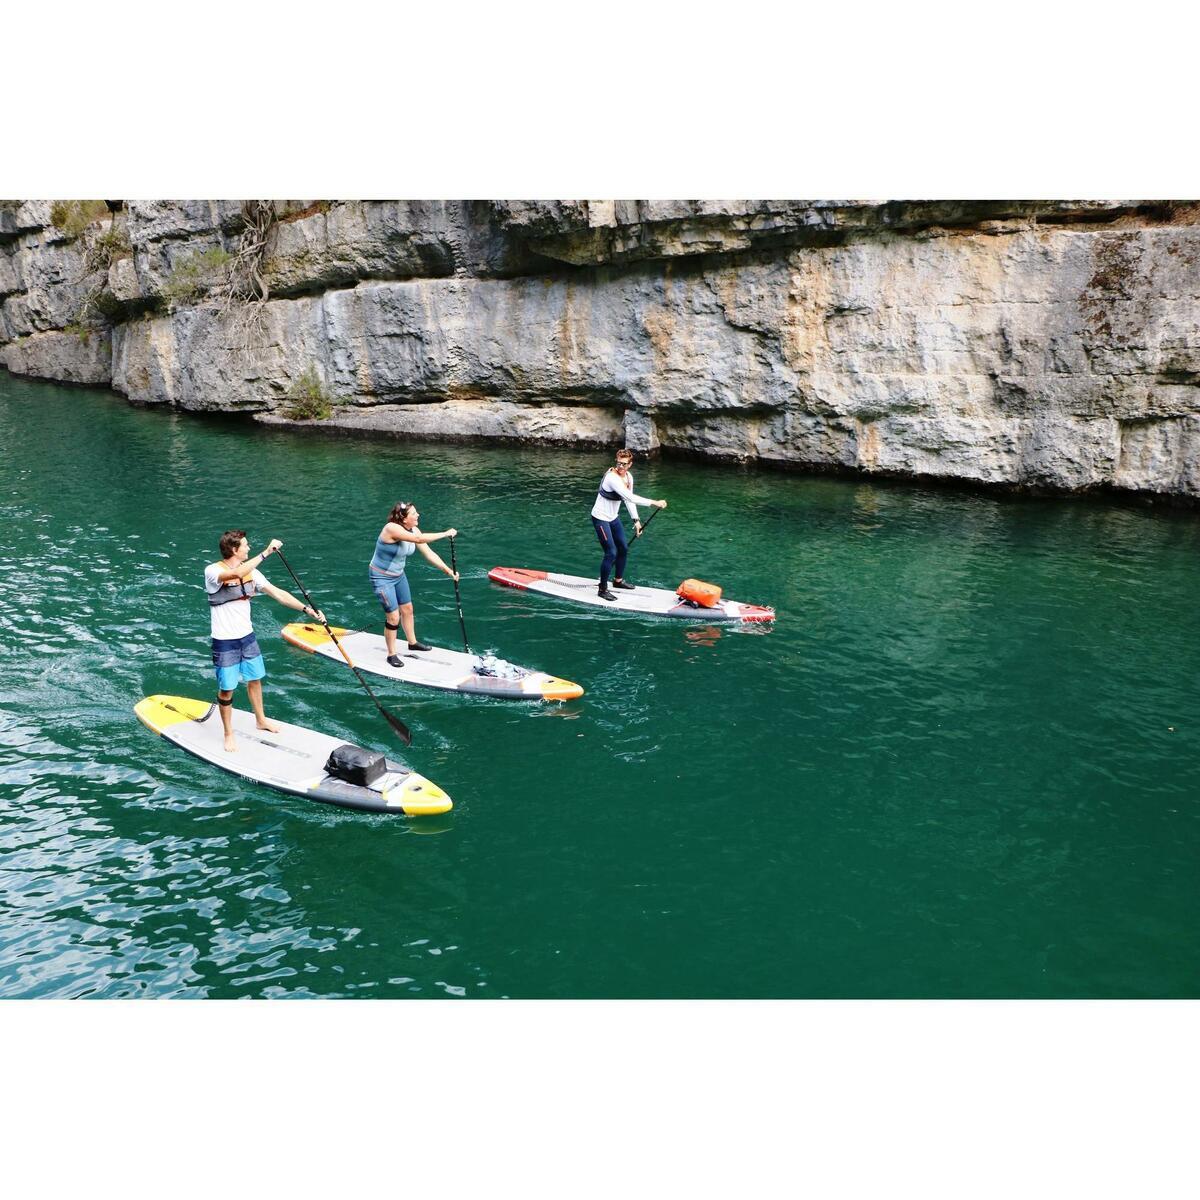 Bild 4 von SUP-Board Stand Up Paddle aufblasbar Touring 500 12´632 gelb